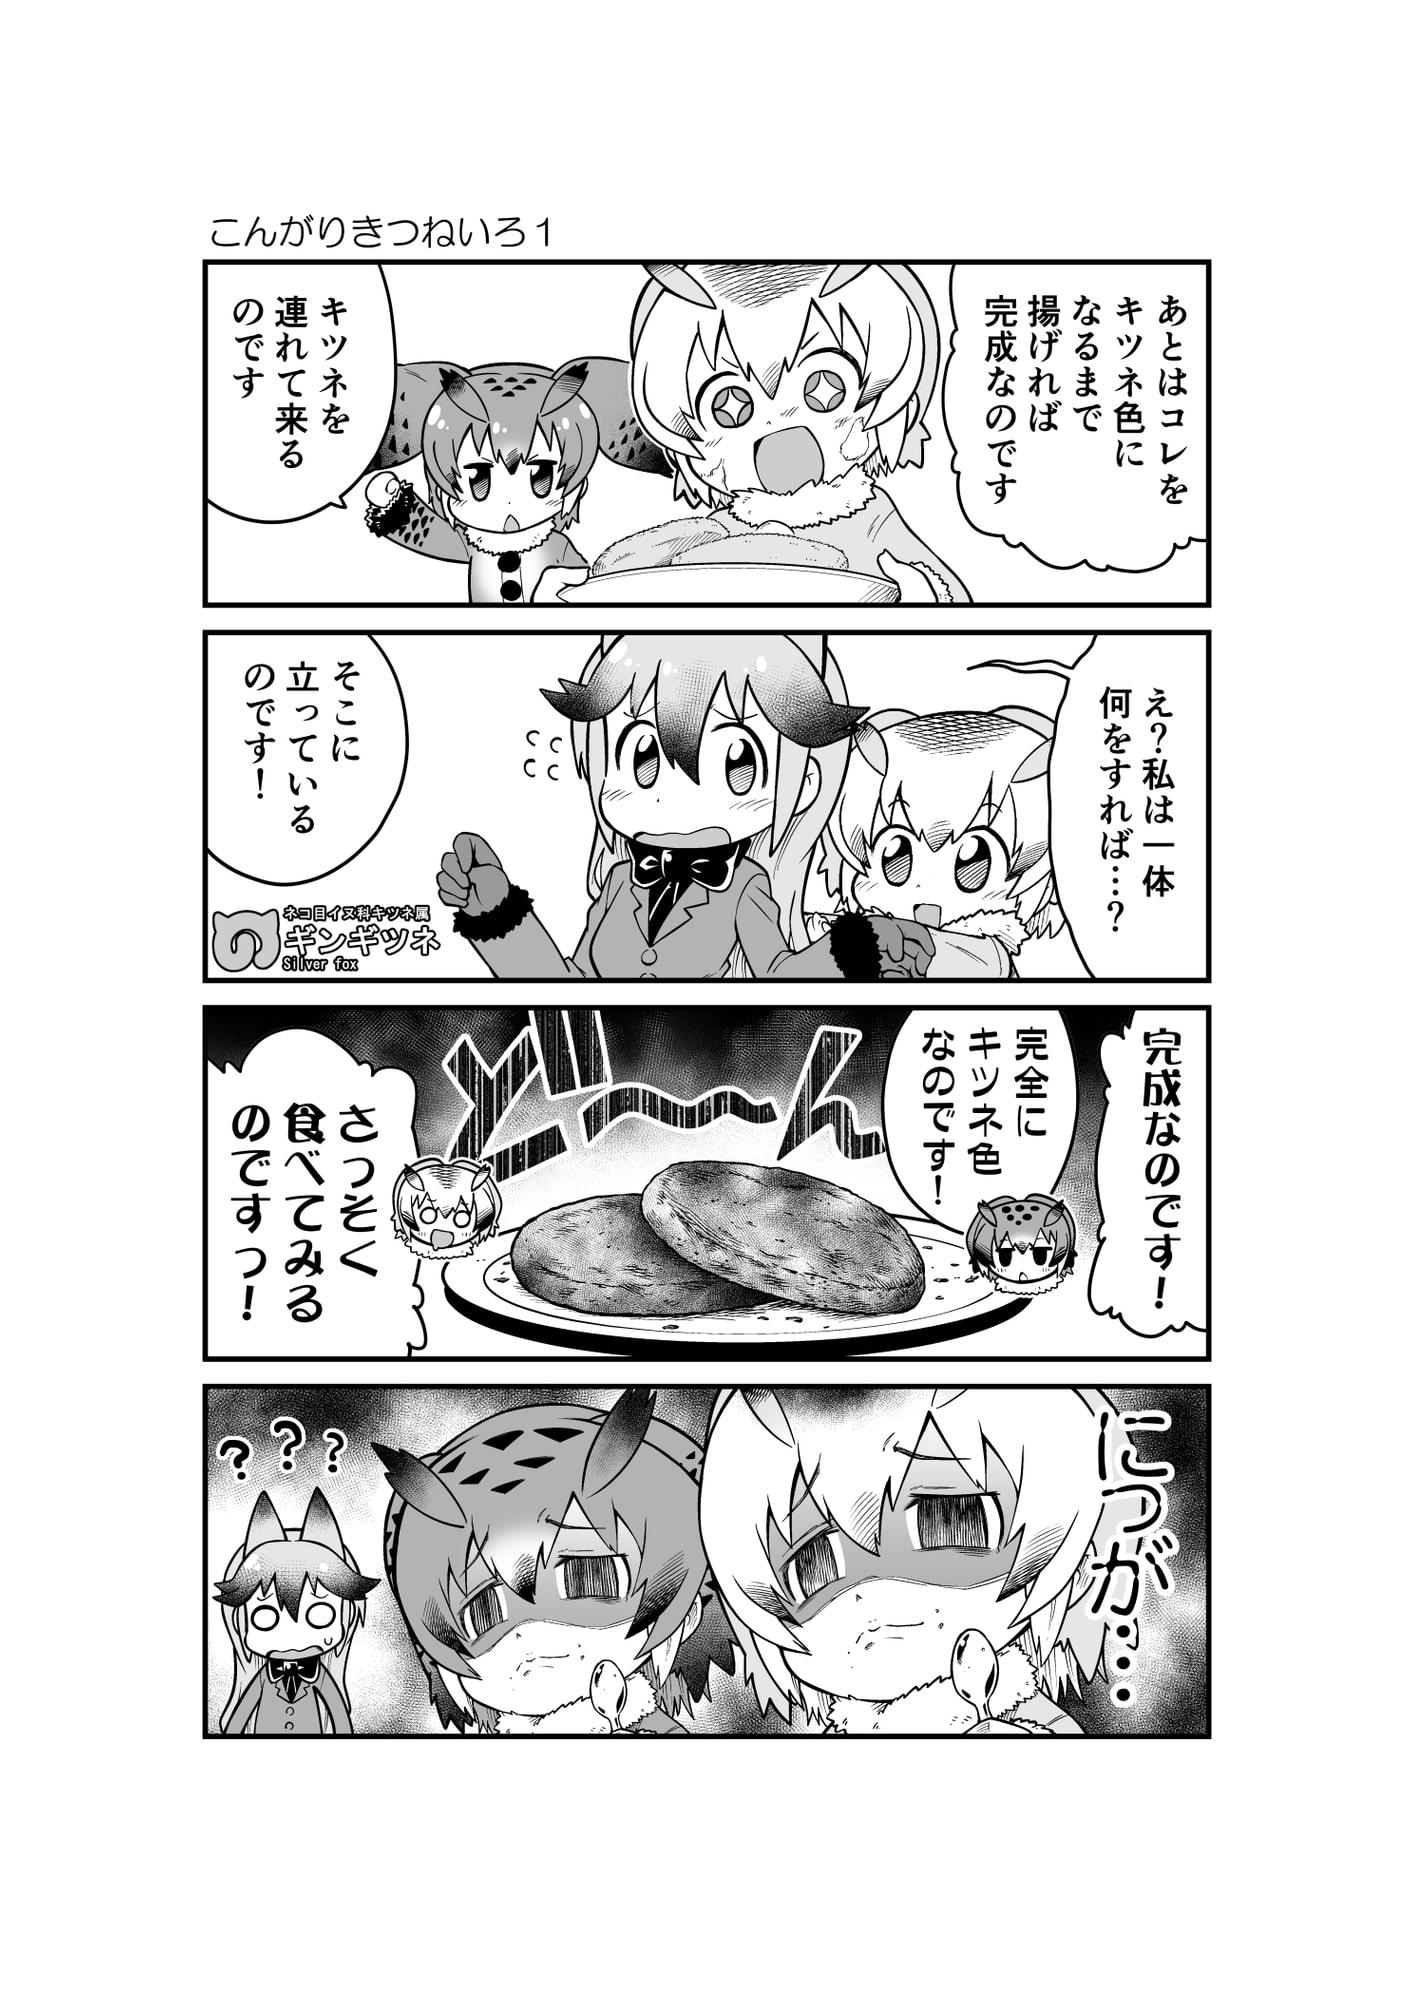 け○のフレンズよんこままとめぼん3